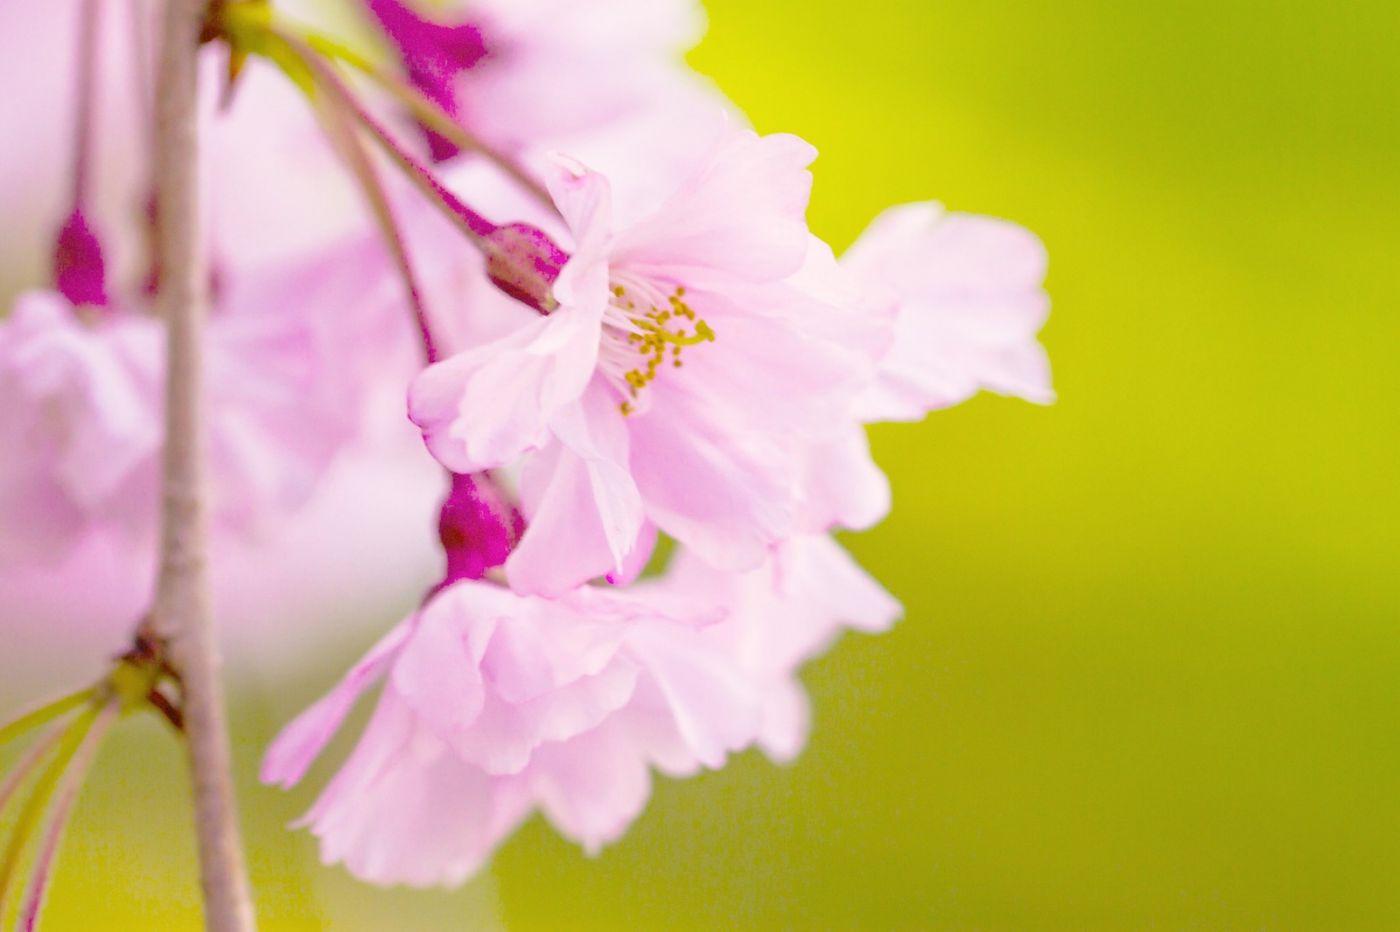 粉红的水嫩的,好看极了_图1-27